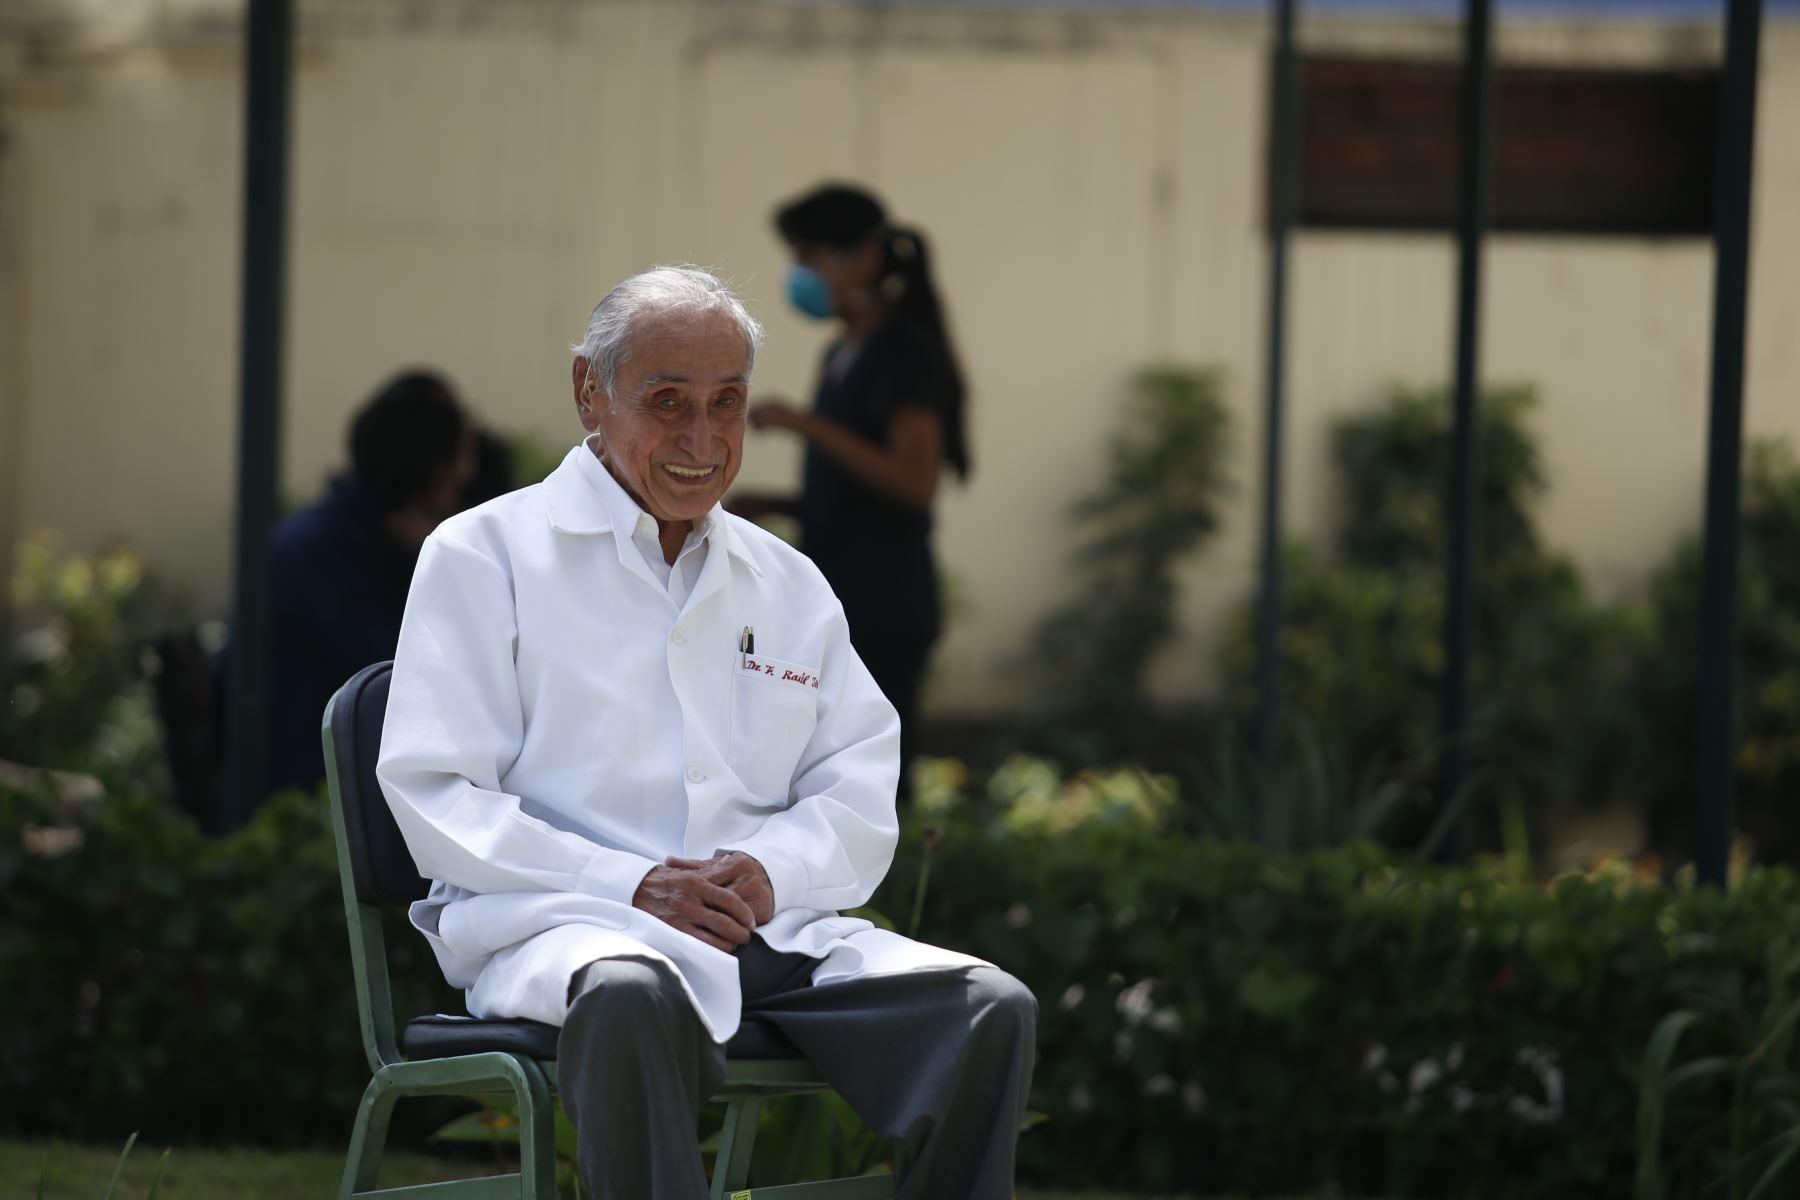 Federico Raúl Jerí Vadquez, médico neurólogo y psiquiatra del Hospital 2 de Mayo, sigue ejerciendo su profesión a pesar de tener 100 años. Foto: ANDINA/Nathalie Sayago